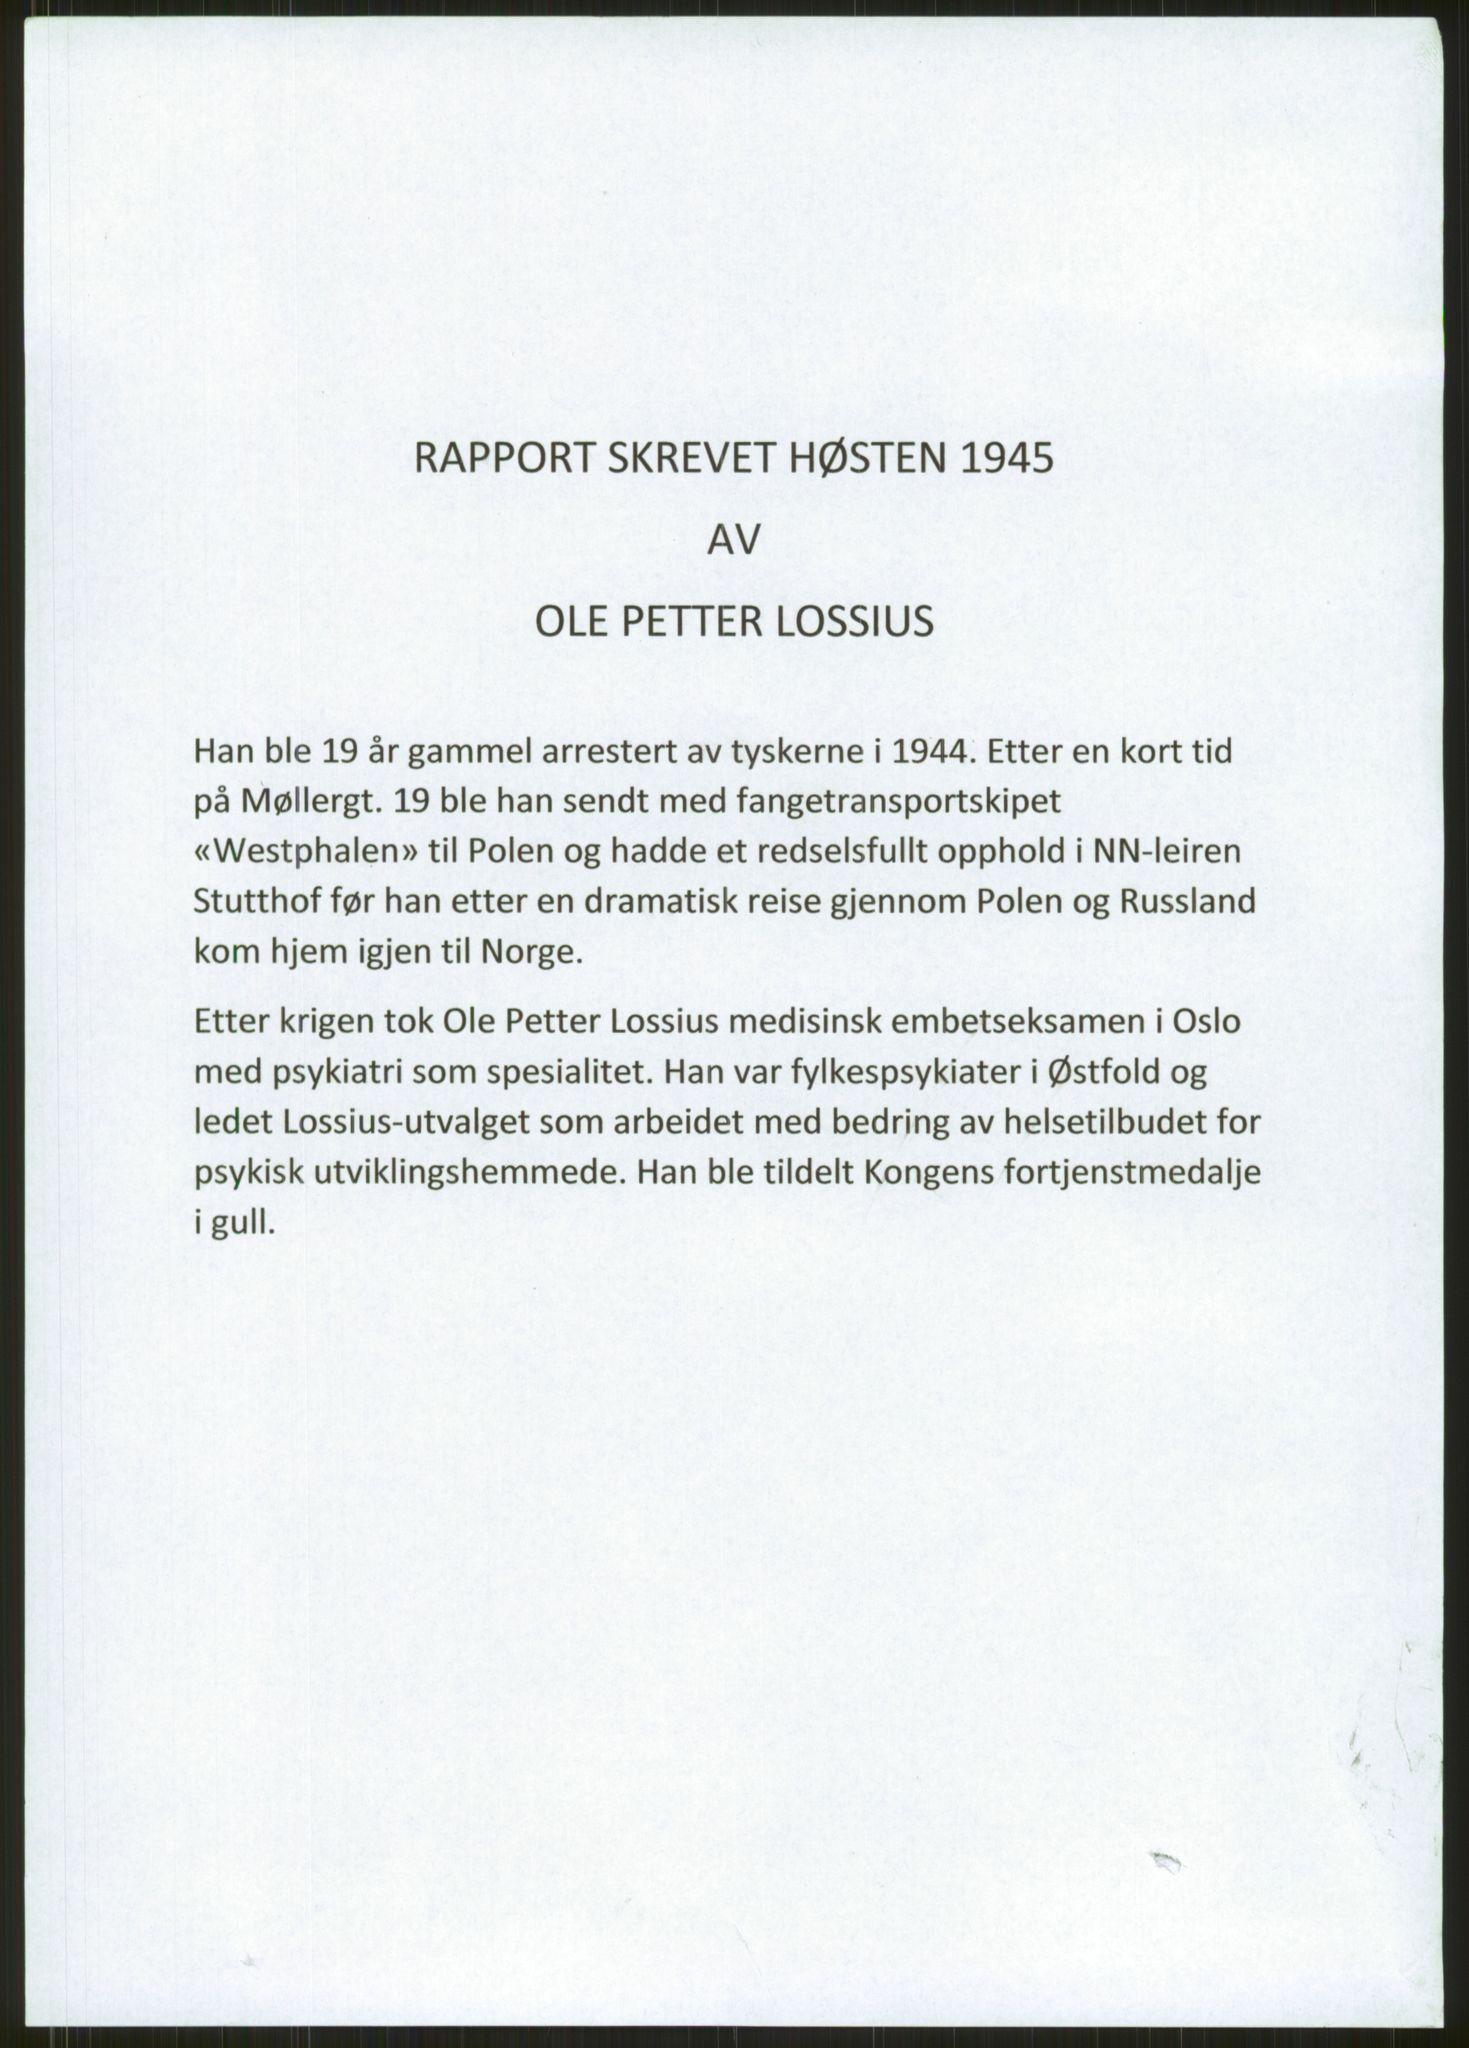 RA, Lossius, Ole-Petter, F/L0001: O.P. Lossius manus med erindringer om krigsfangenskap i Tyskland, evakuering og hjemreise via Polen og Russland., 1944-1945, s. 1